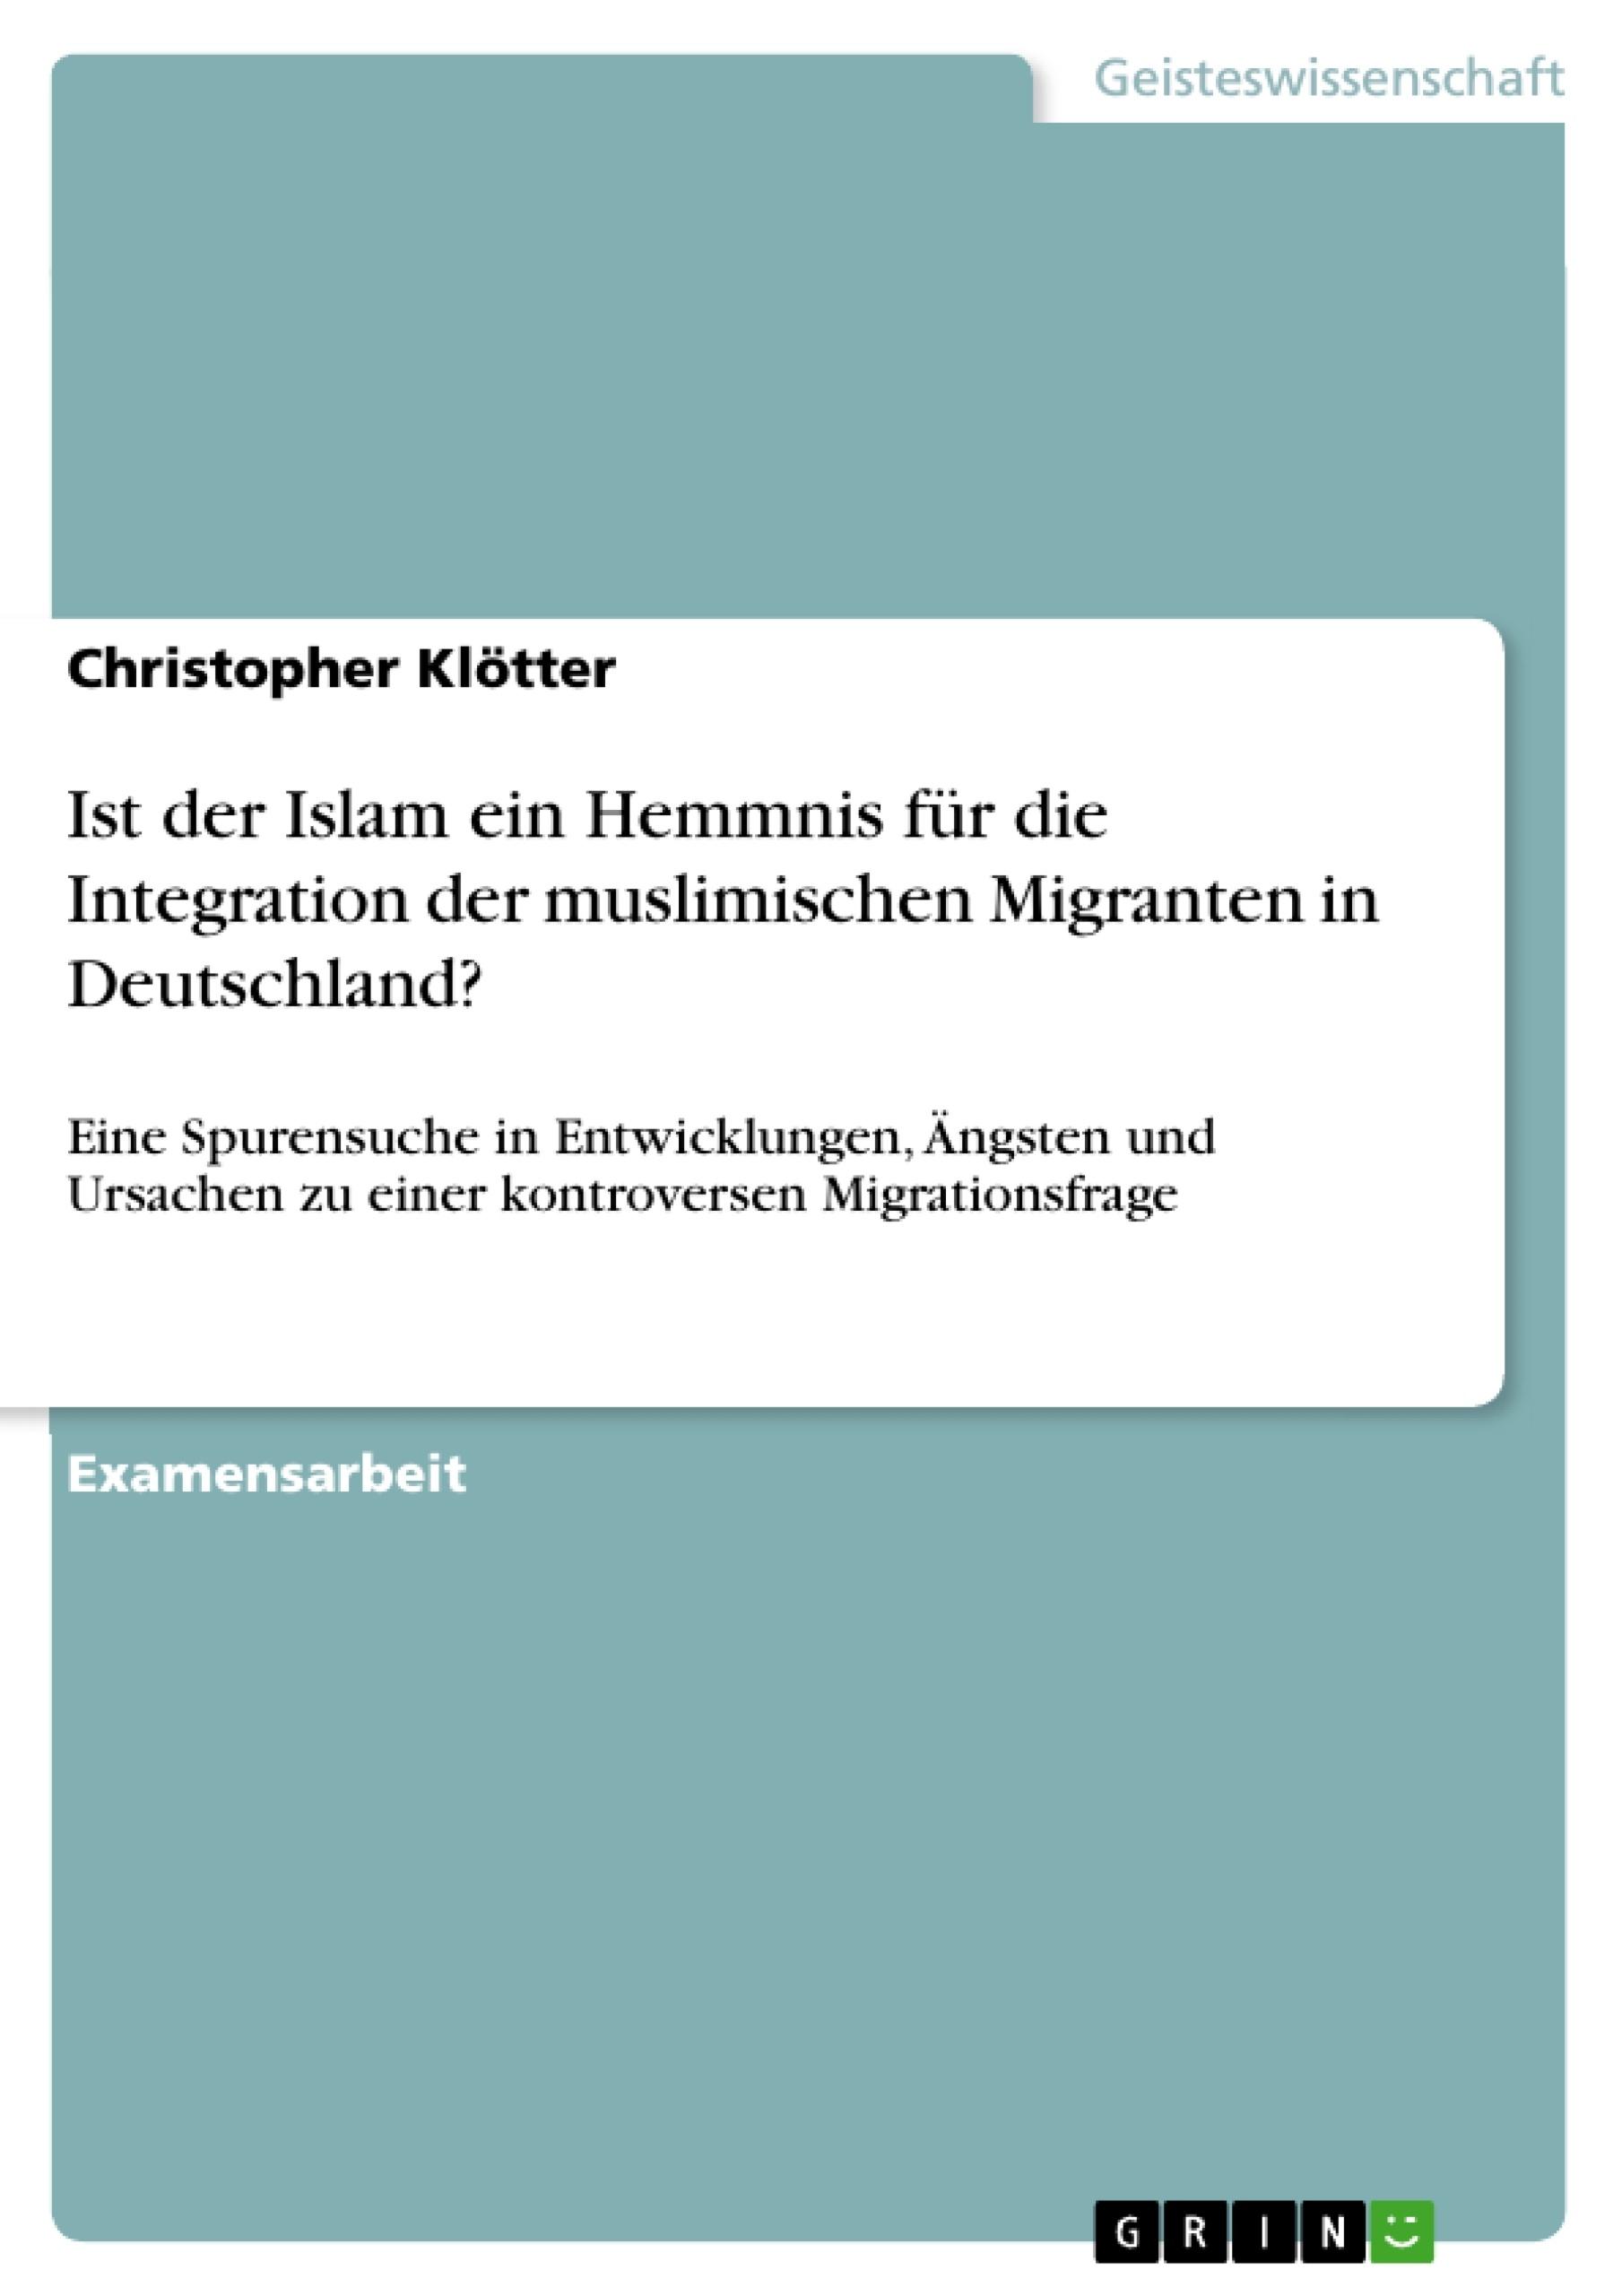 Titel: Ist der Islam ein Hemmnis für die Integration der muslimischen Migranten in Deutschland?